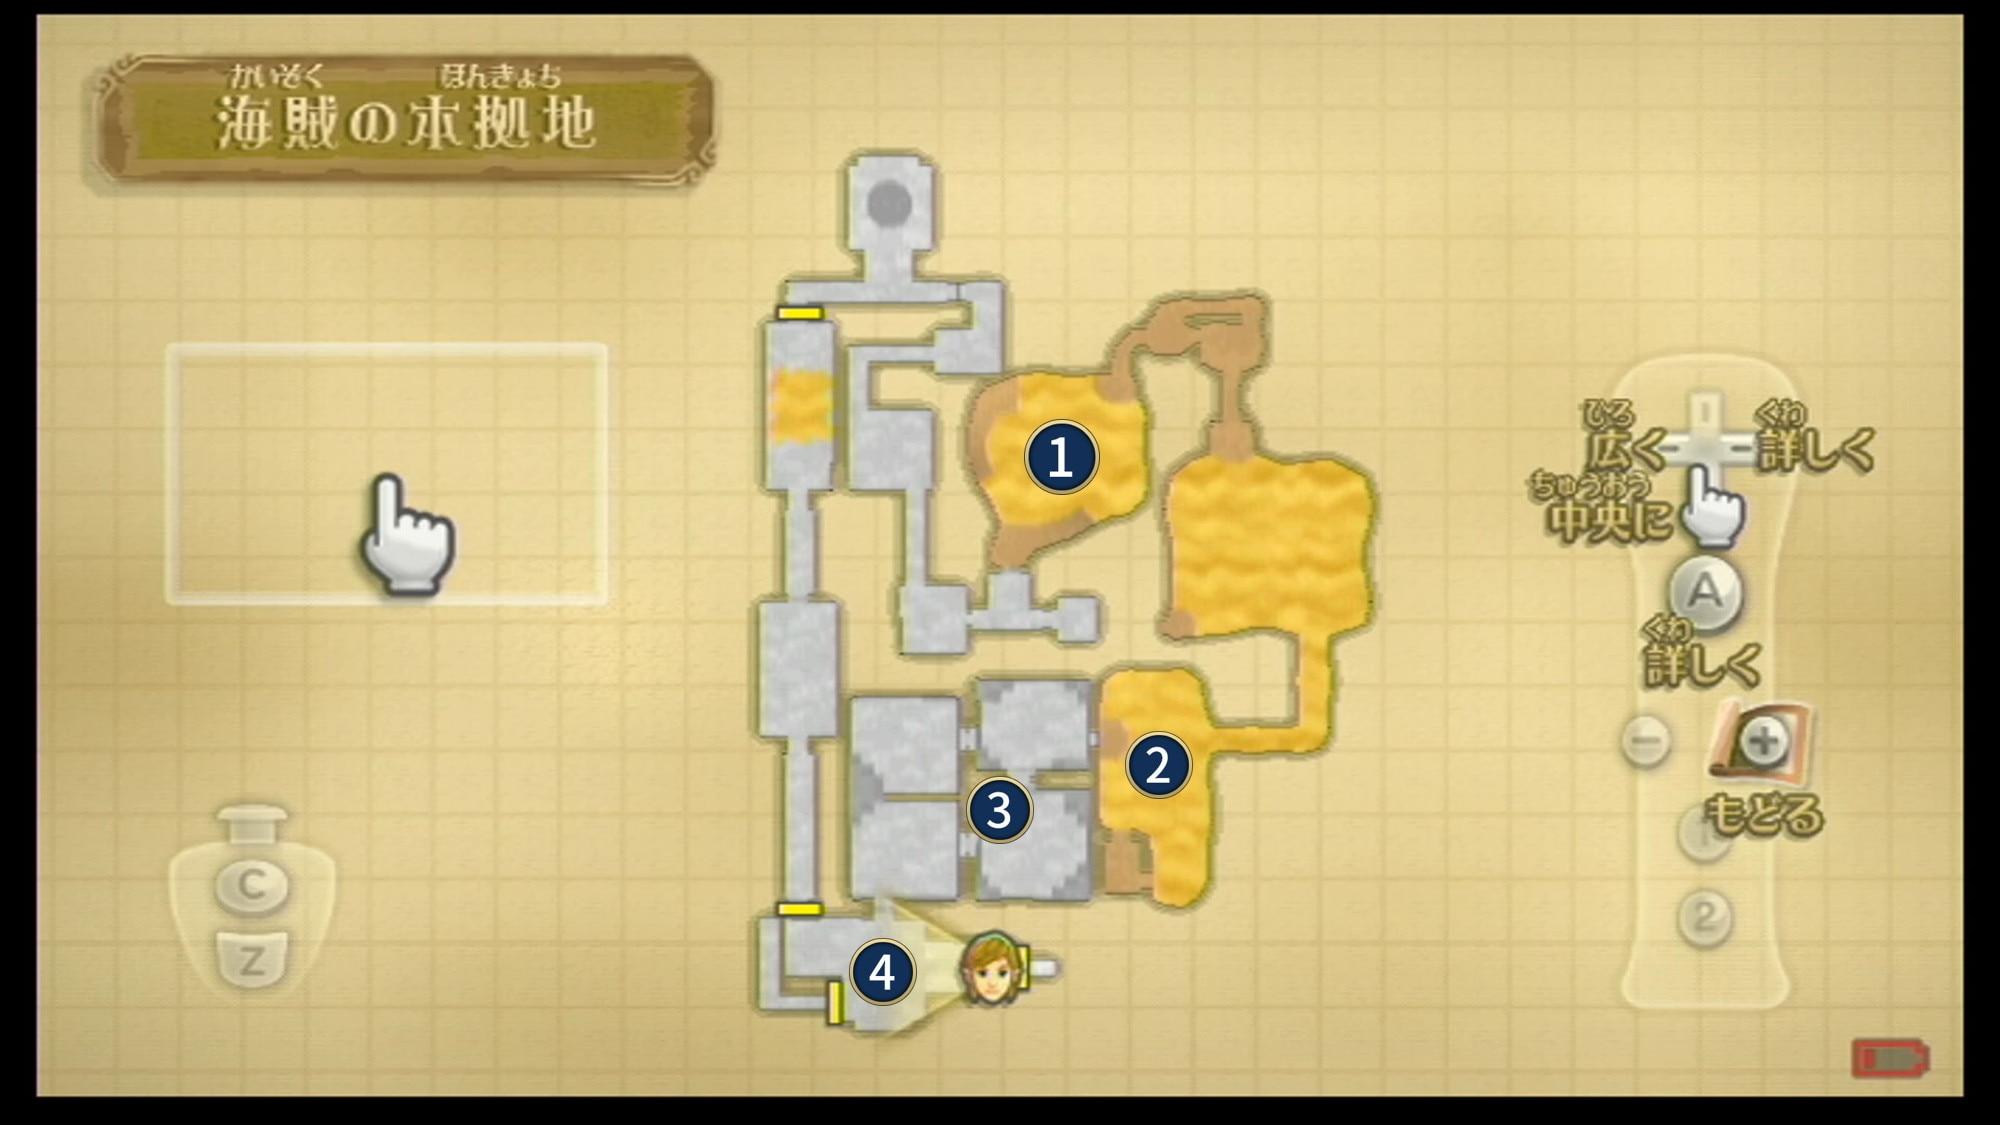 海賊の本拠地の場所とマップ